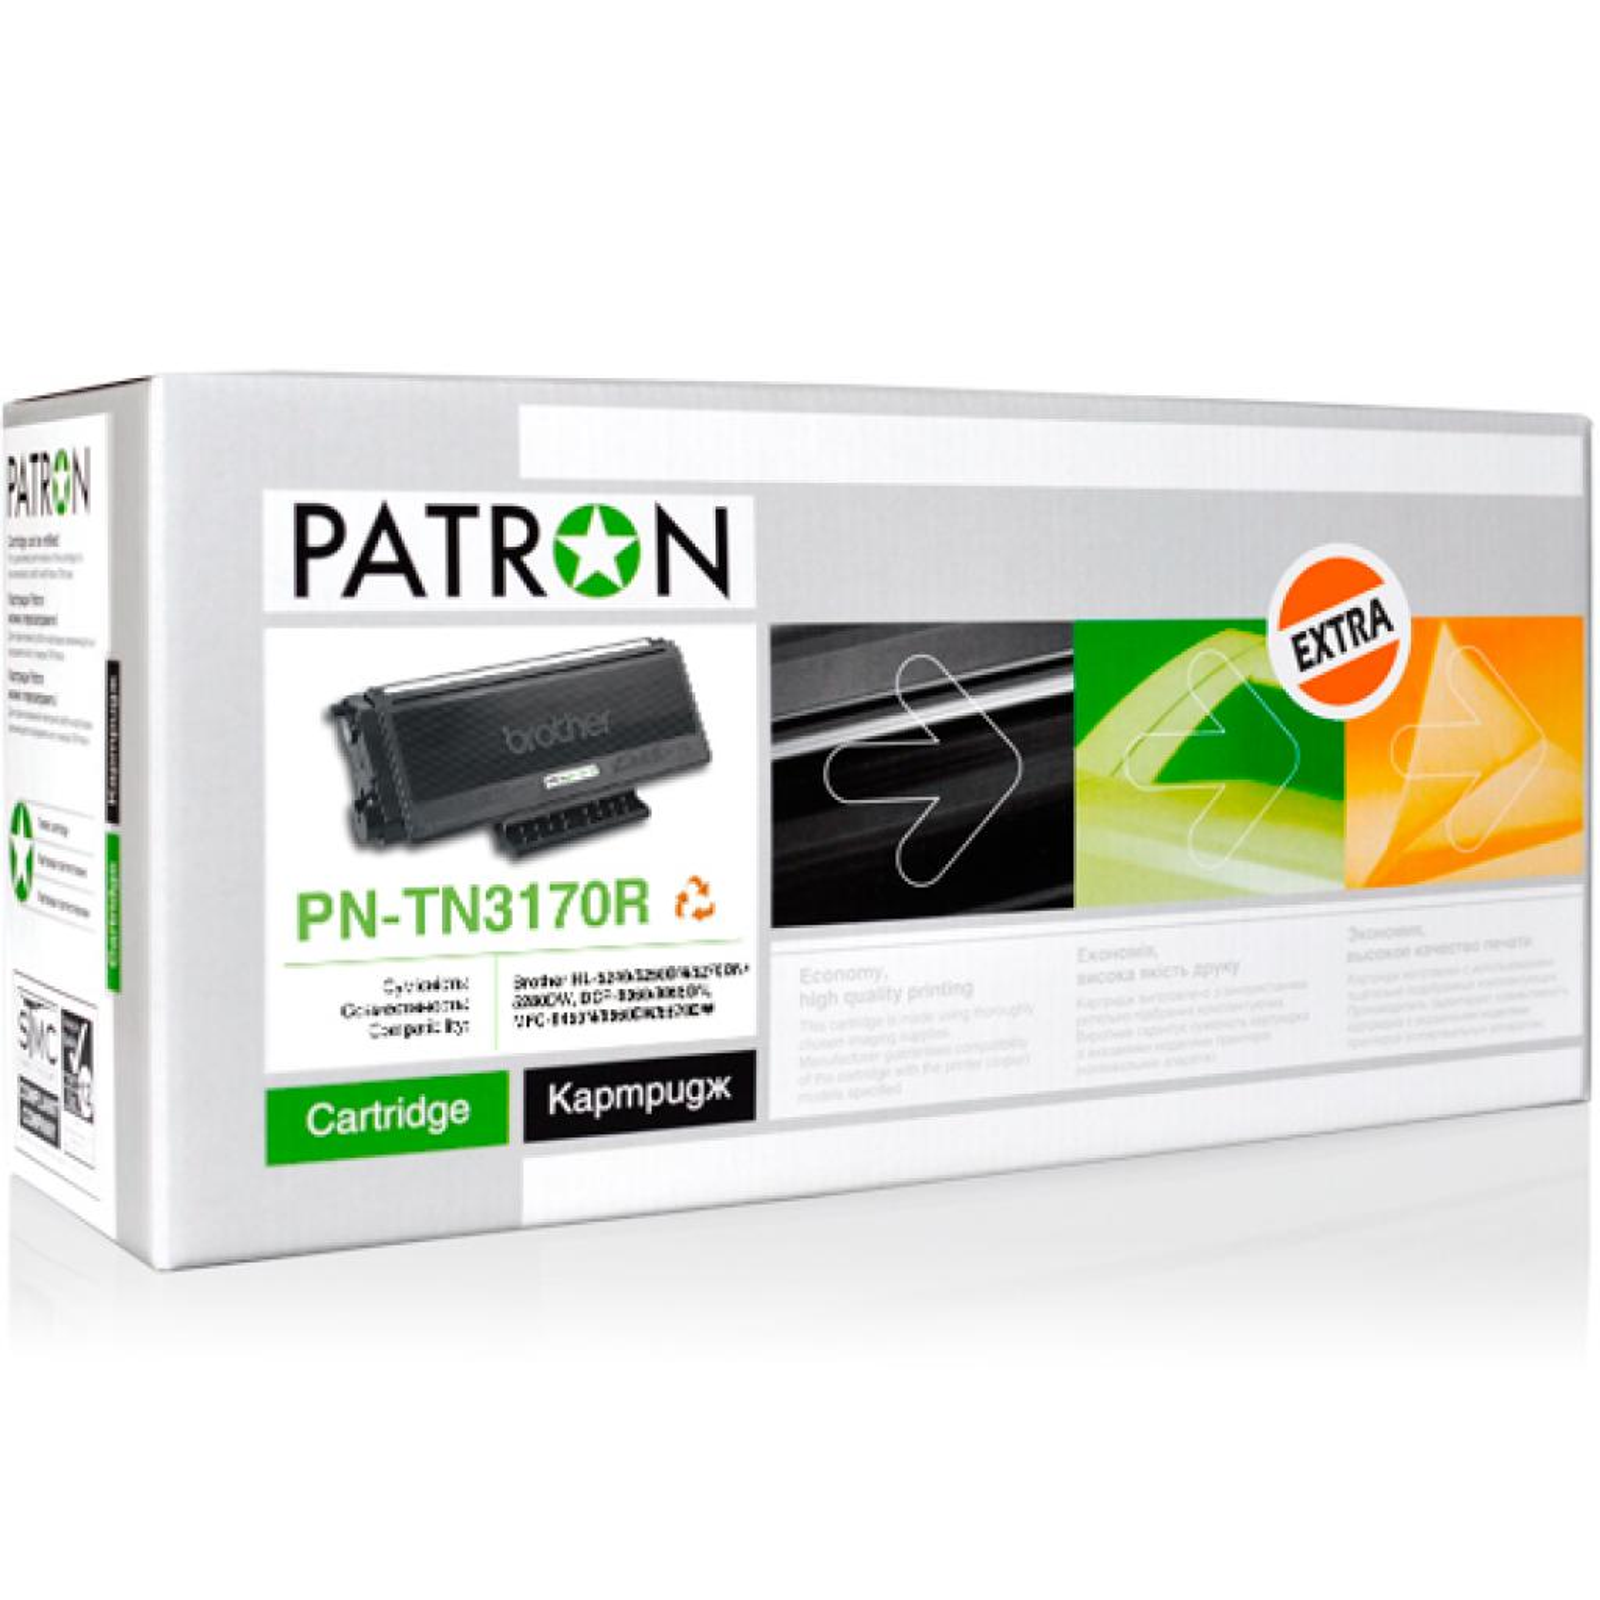 Картридж PATRON BROTHER TN-3170 (PN-TN3170R) Extra (CT-BRO-TN-3170-PN-R)